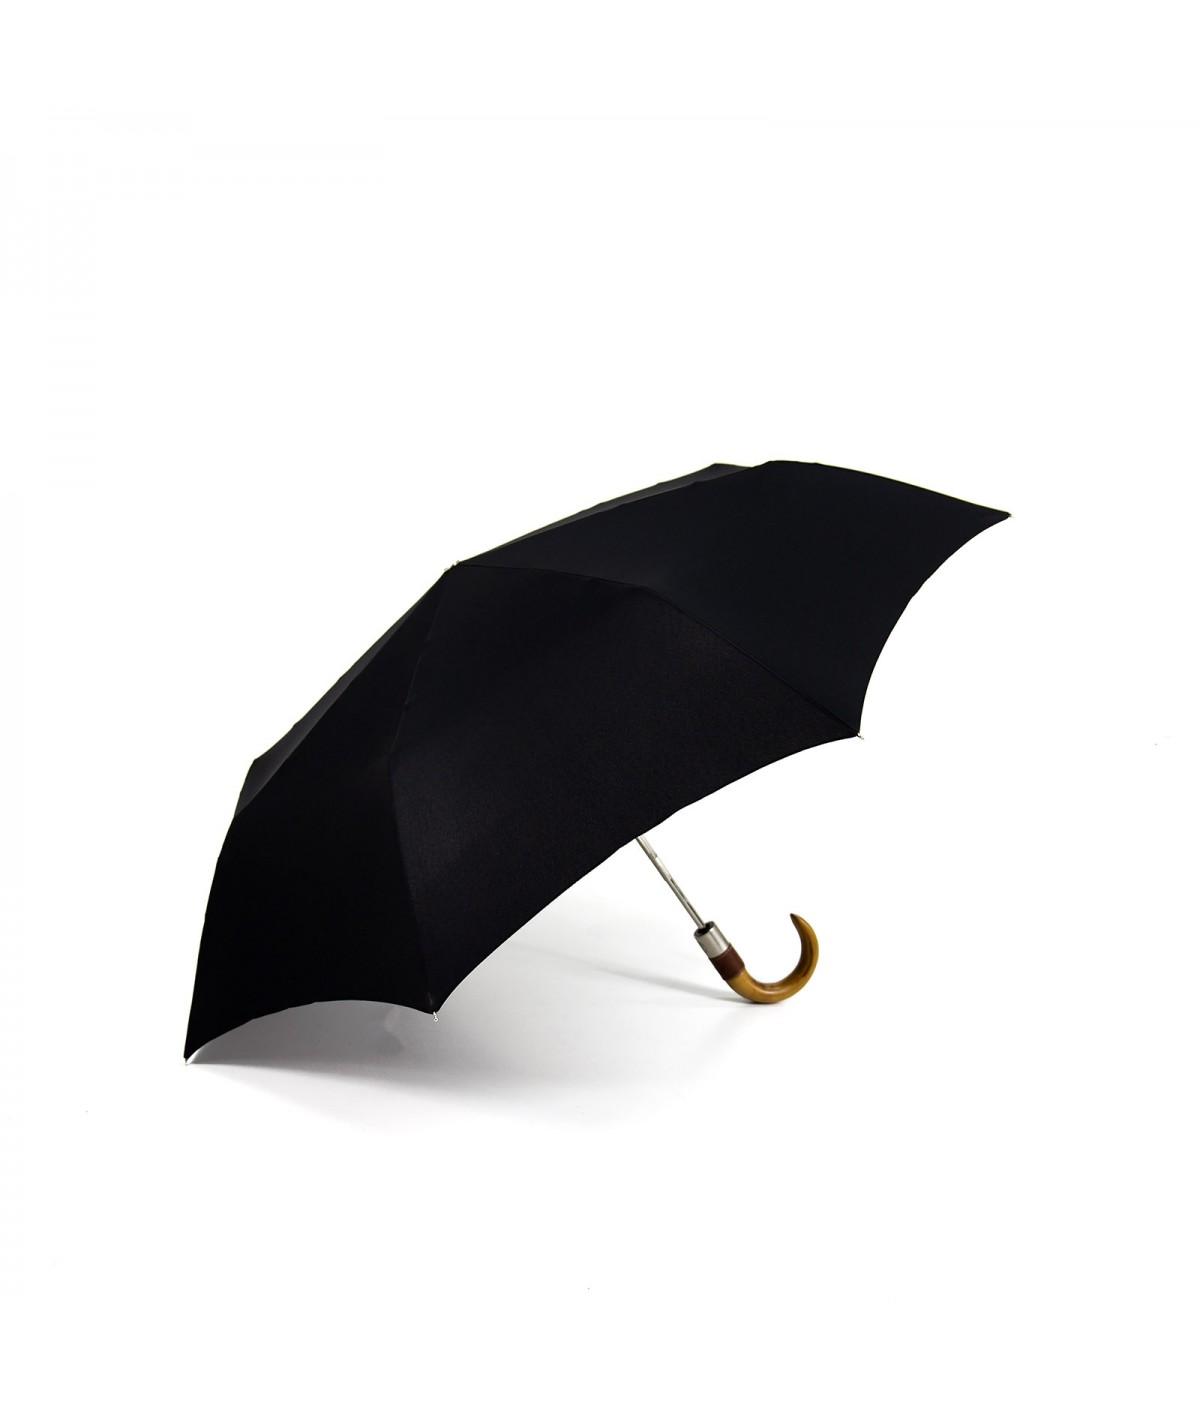 → Longchamp - Parapluie Homme - Noir - Confection par Maison Pierre Vaux